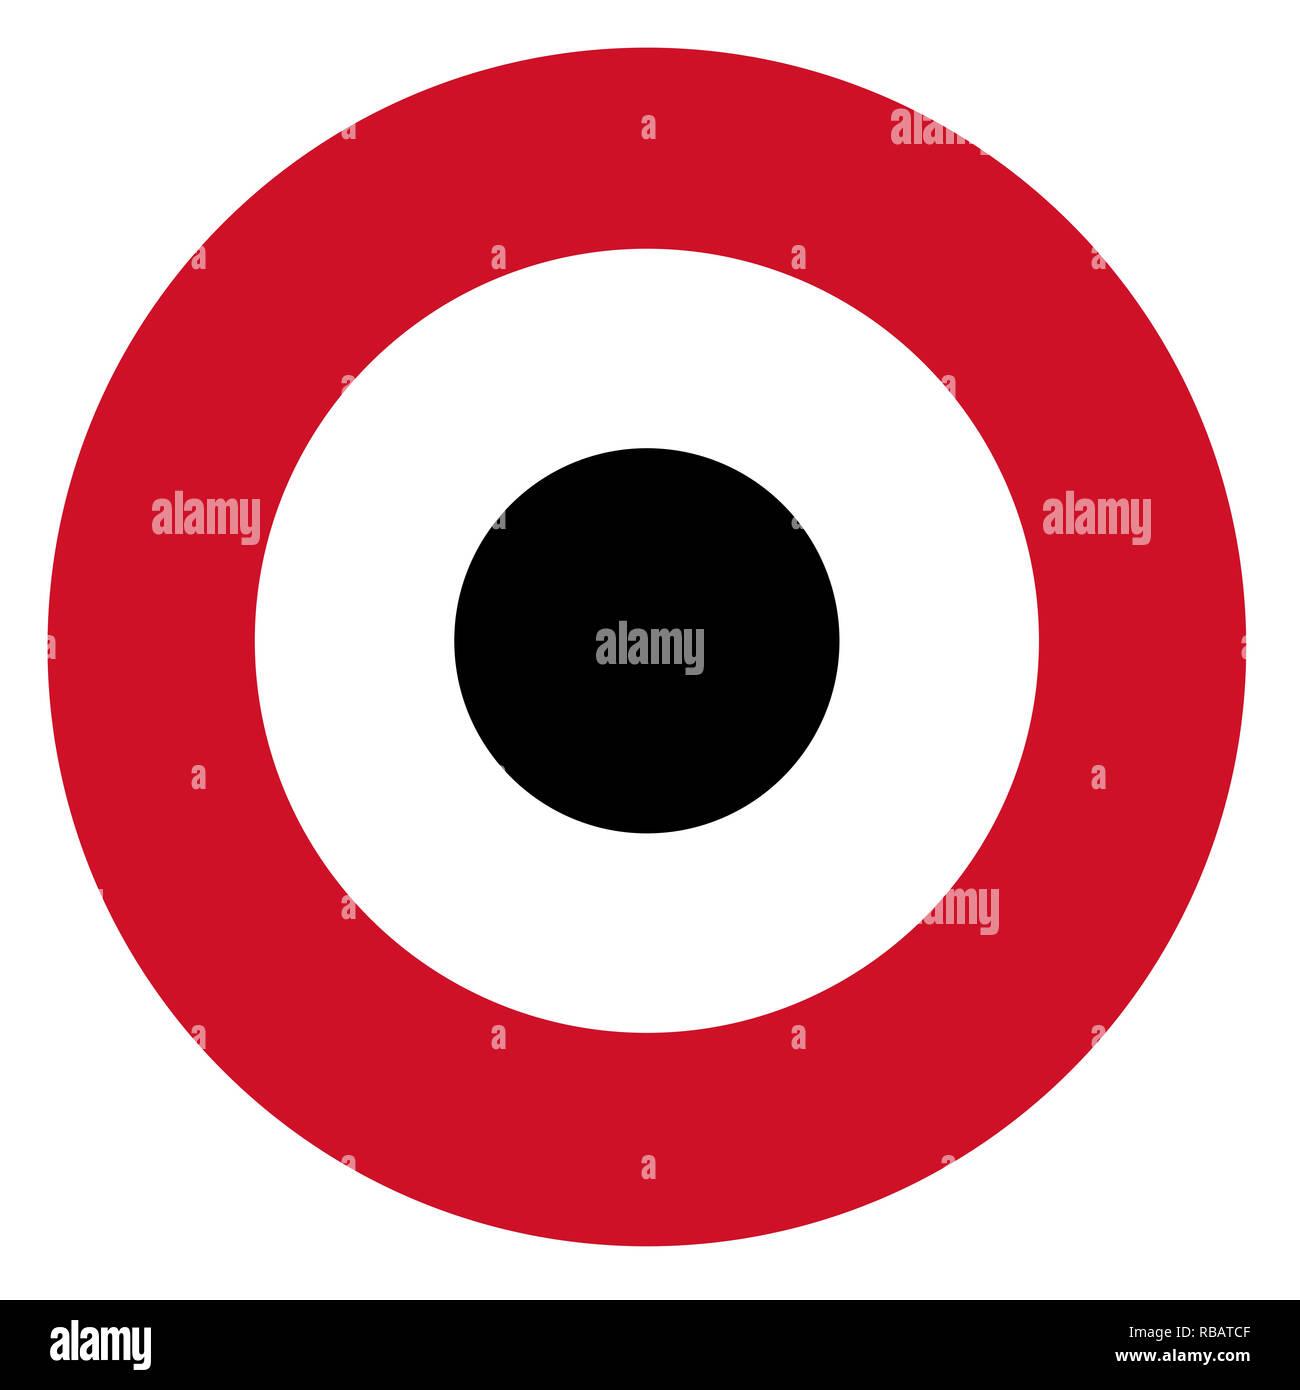 Yemen country roundel flag based round symbol - Stock Image